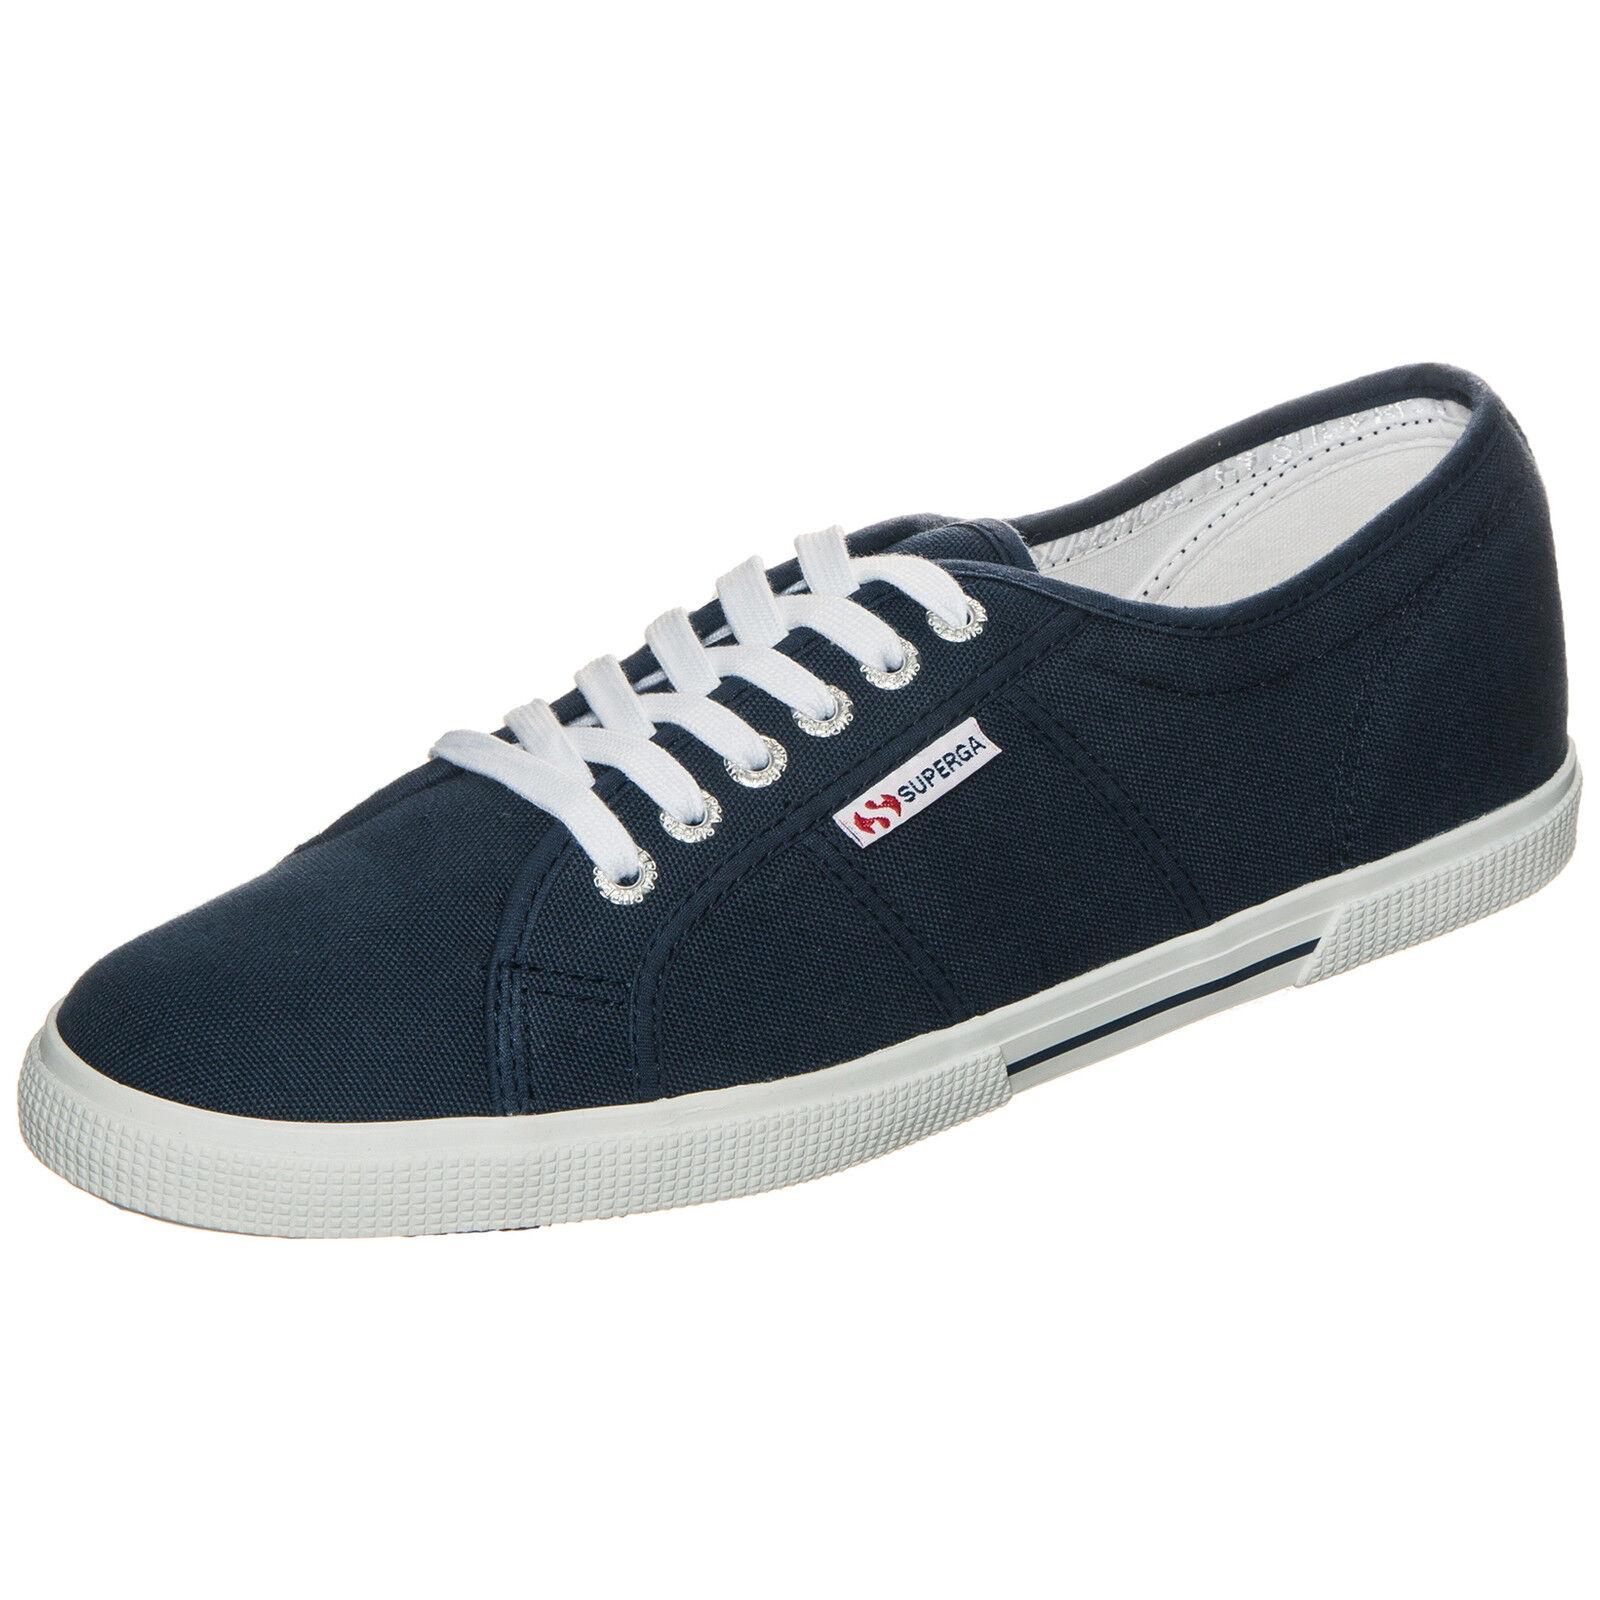 Superga Classic 2950 Cotu Classic Superga Sneaker Blau NEU Schuhe Turnschuhe 7535d5